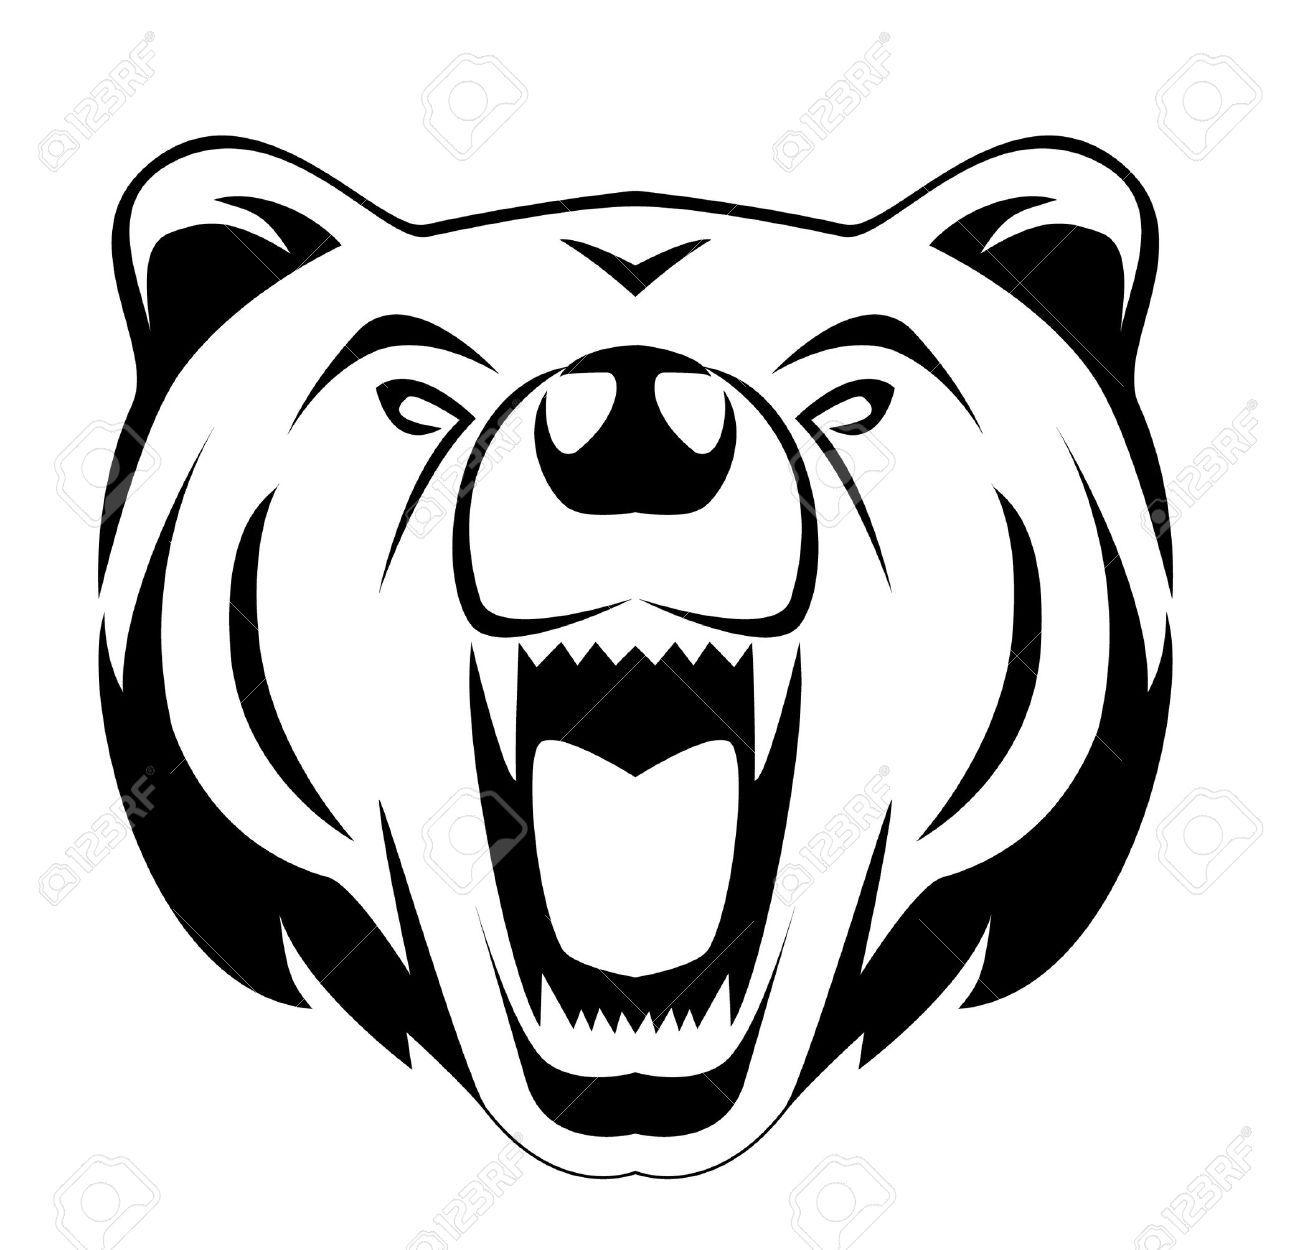 Huella de oso polar clipart blanco y negro royalty free download Stock Vector | siluetas. | Cokies y Siluetas royalty free download